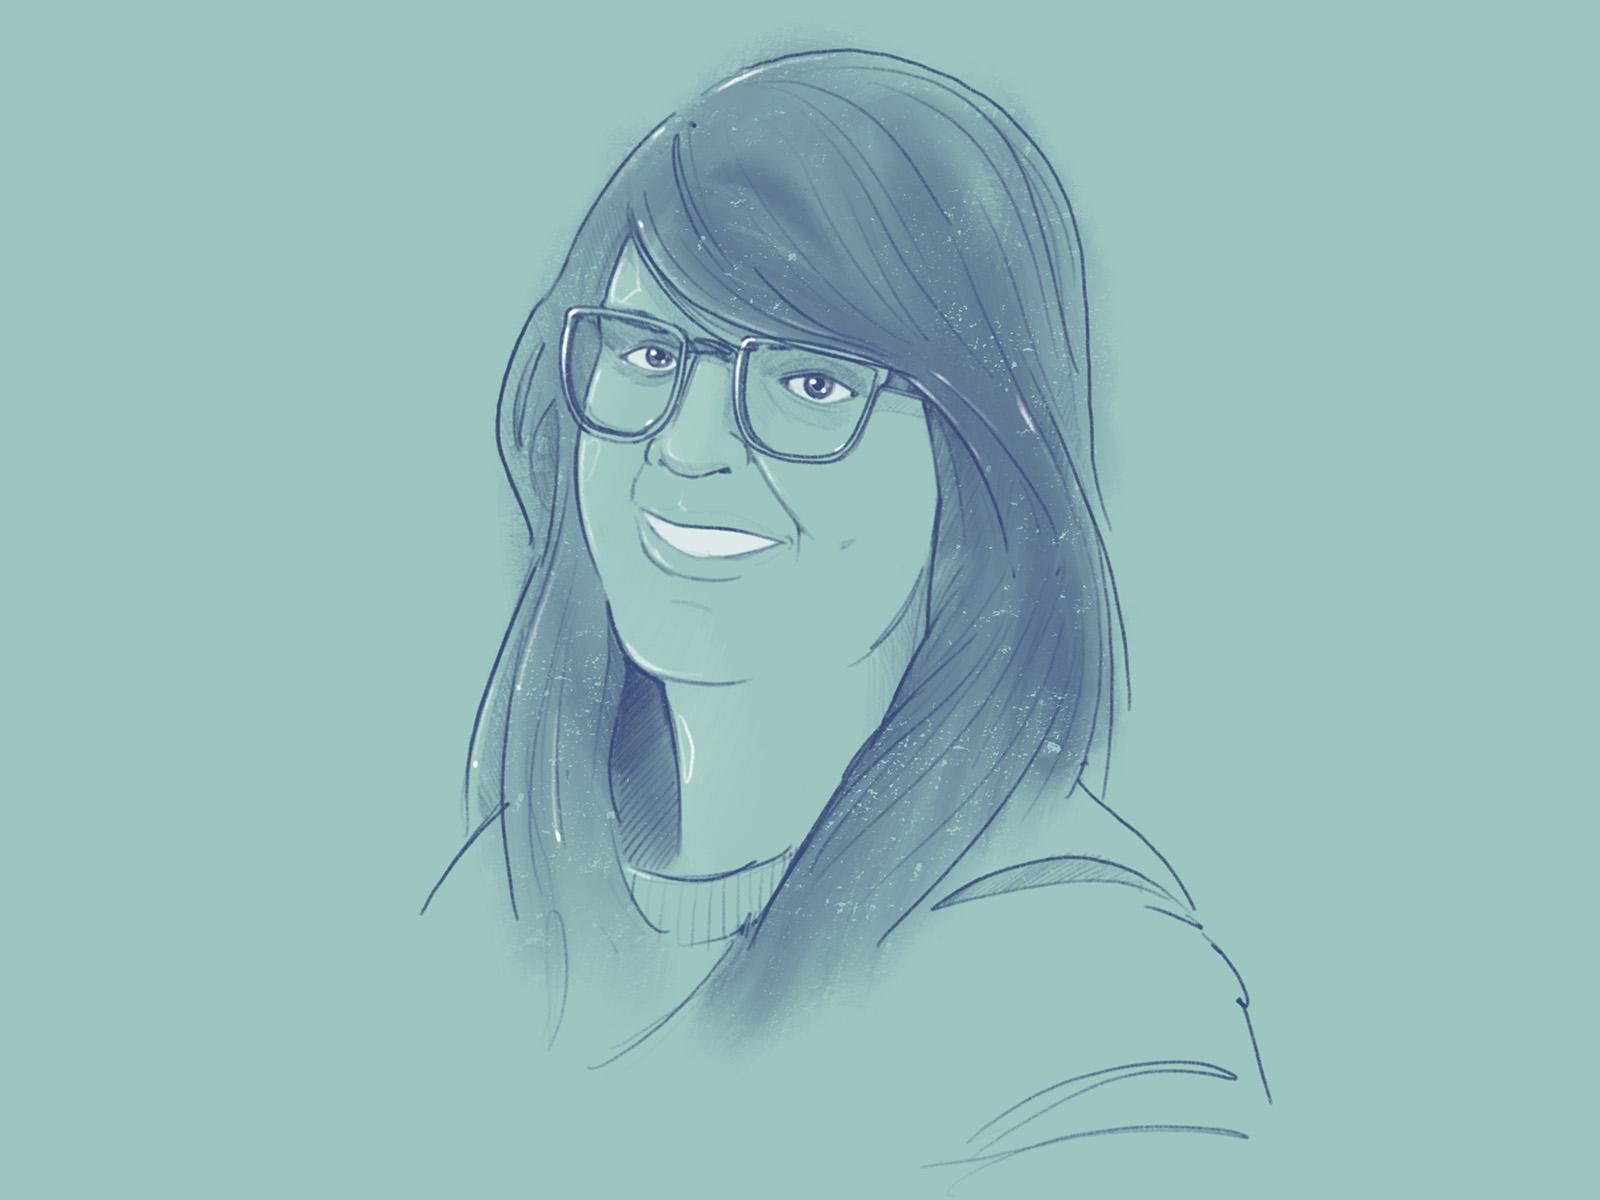 Maaike portrait